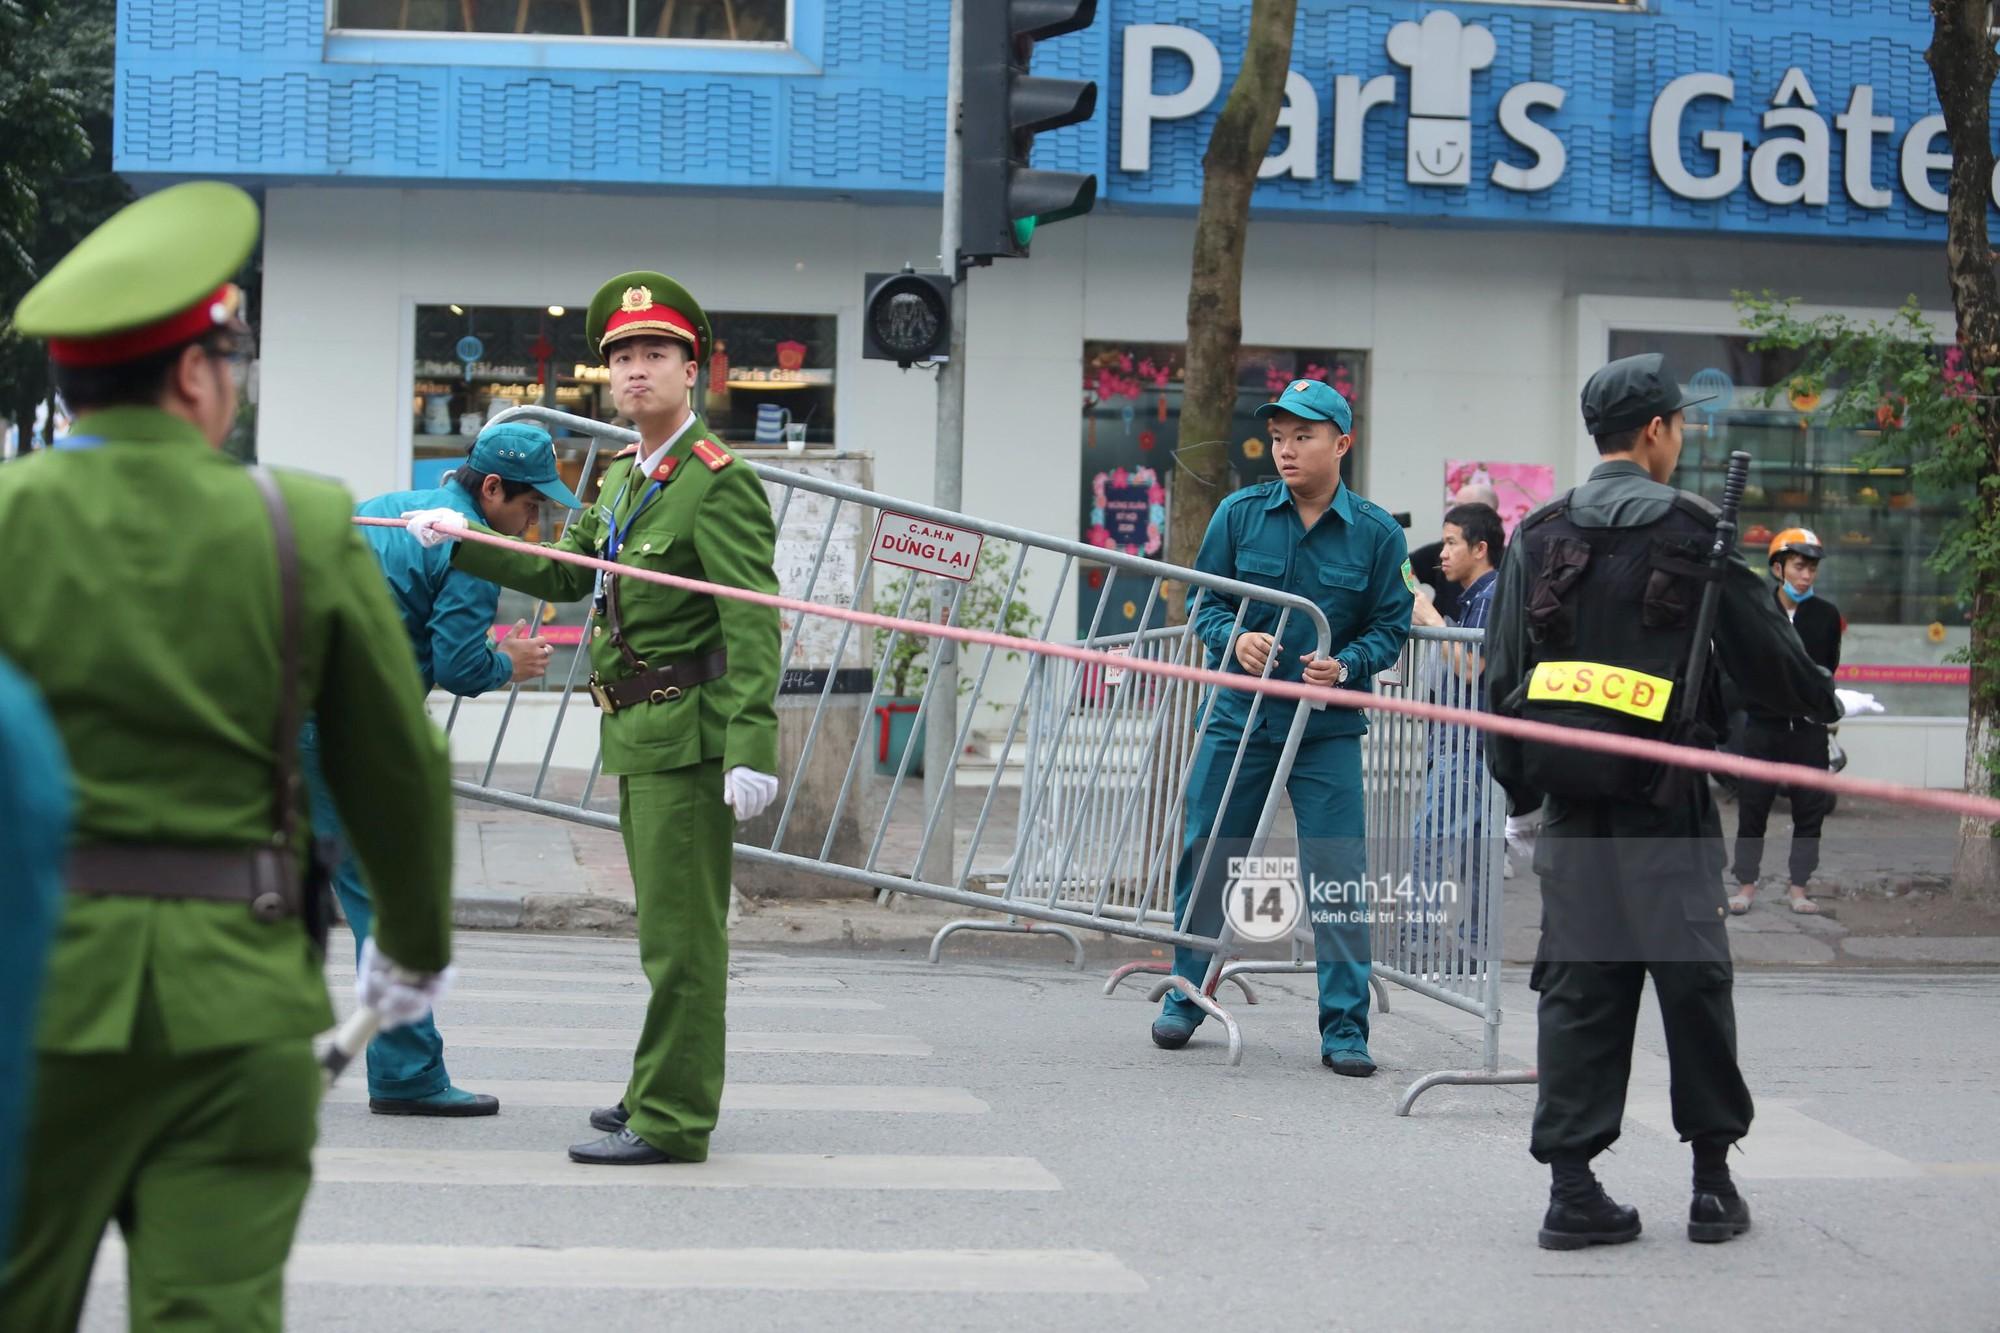 Chủ tịch Kim Jong-un vẫy tay chào người dân, đang trên đường viếng đài liệt sĩ và lăng Chủ tịch Hồ Chí Minh - Ảnh 5.